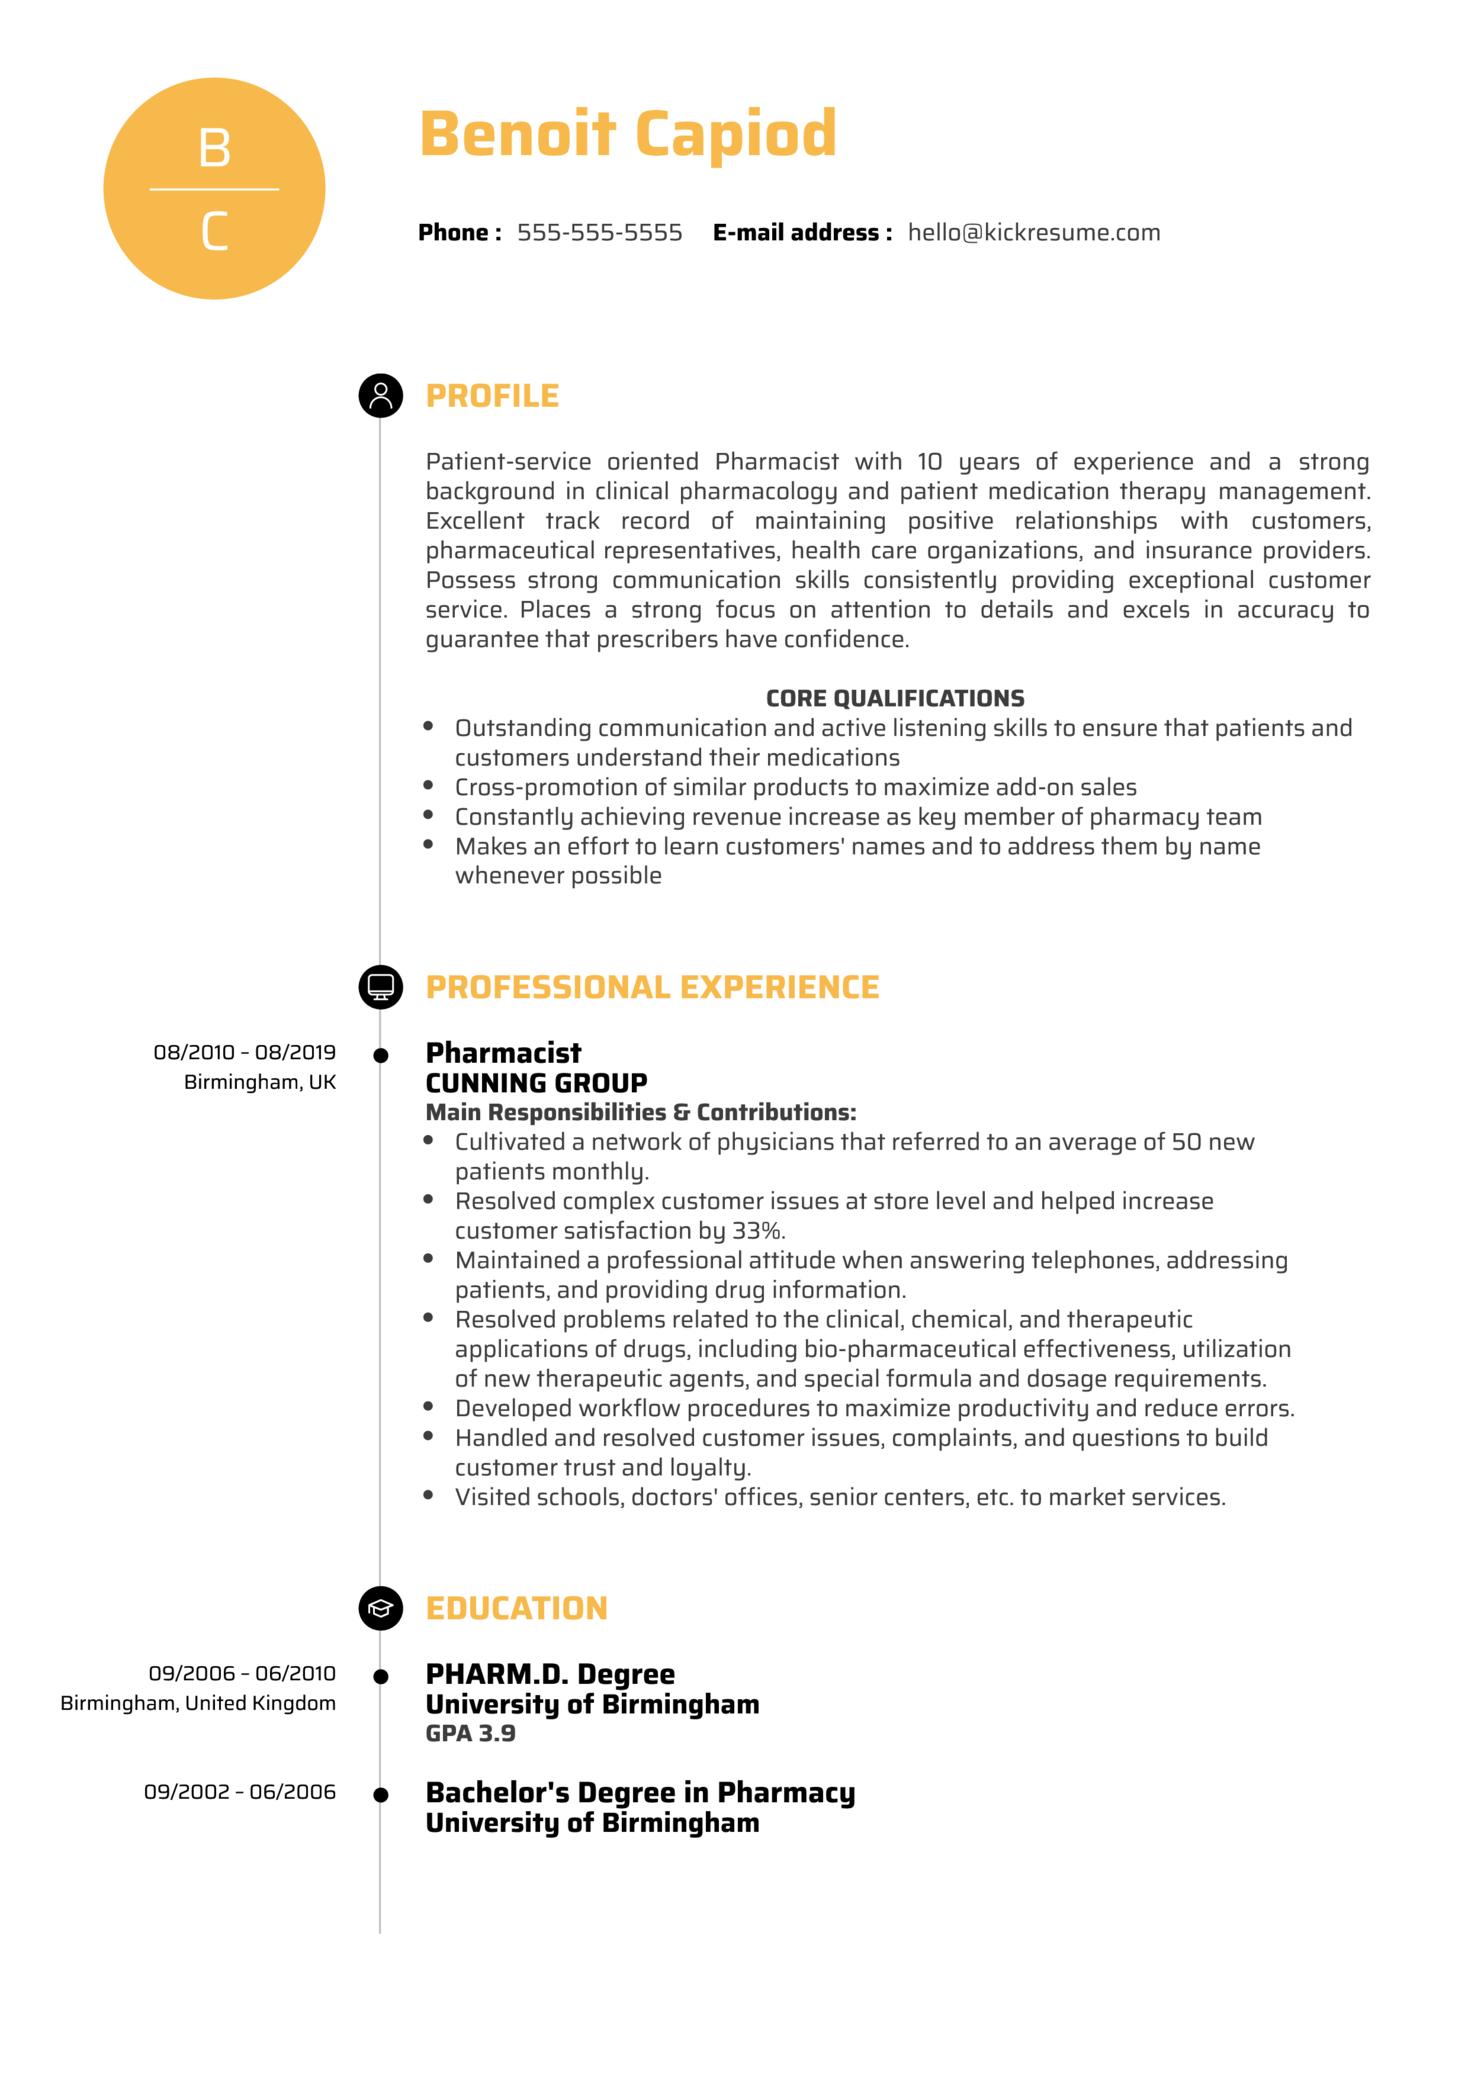 Pharmacist Resume Sample (parte 1)